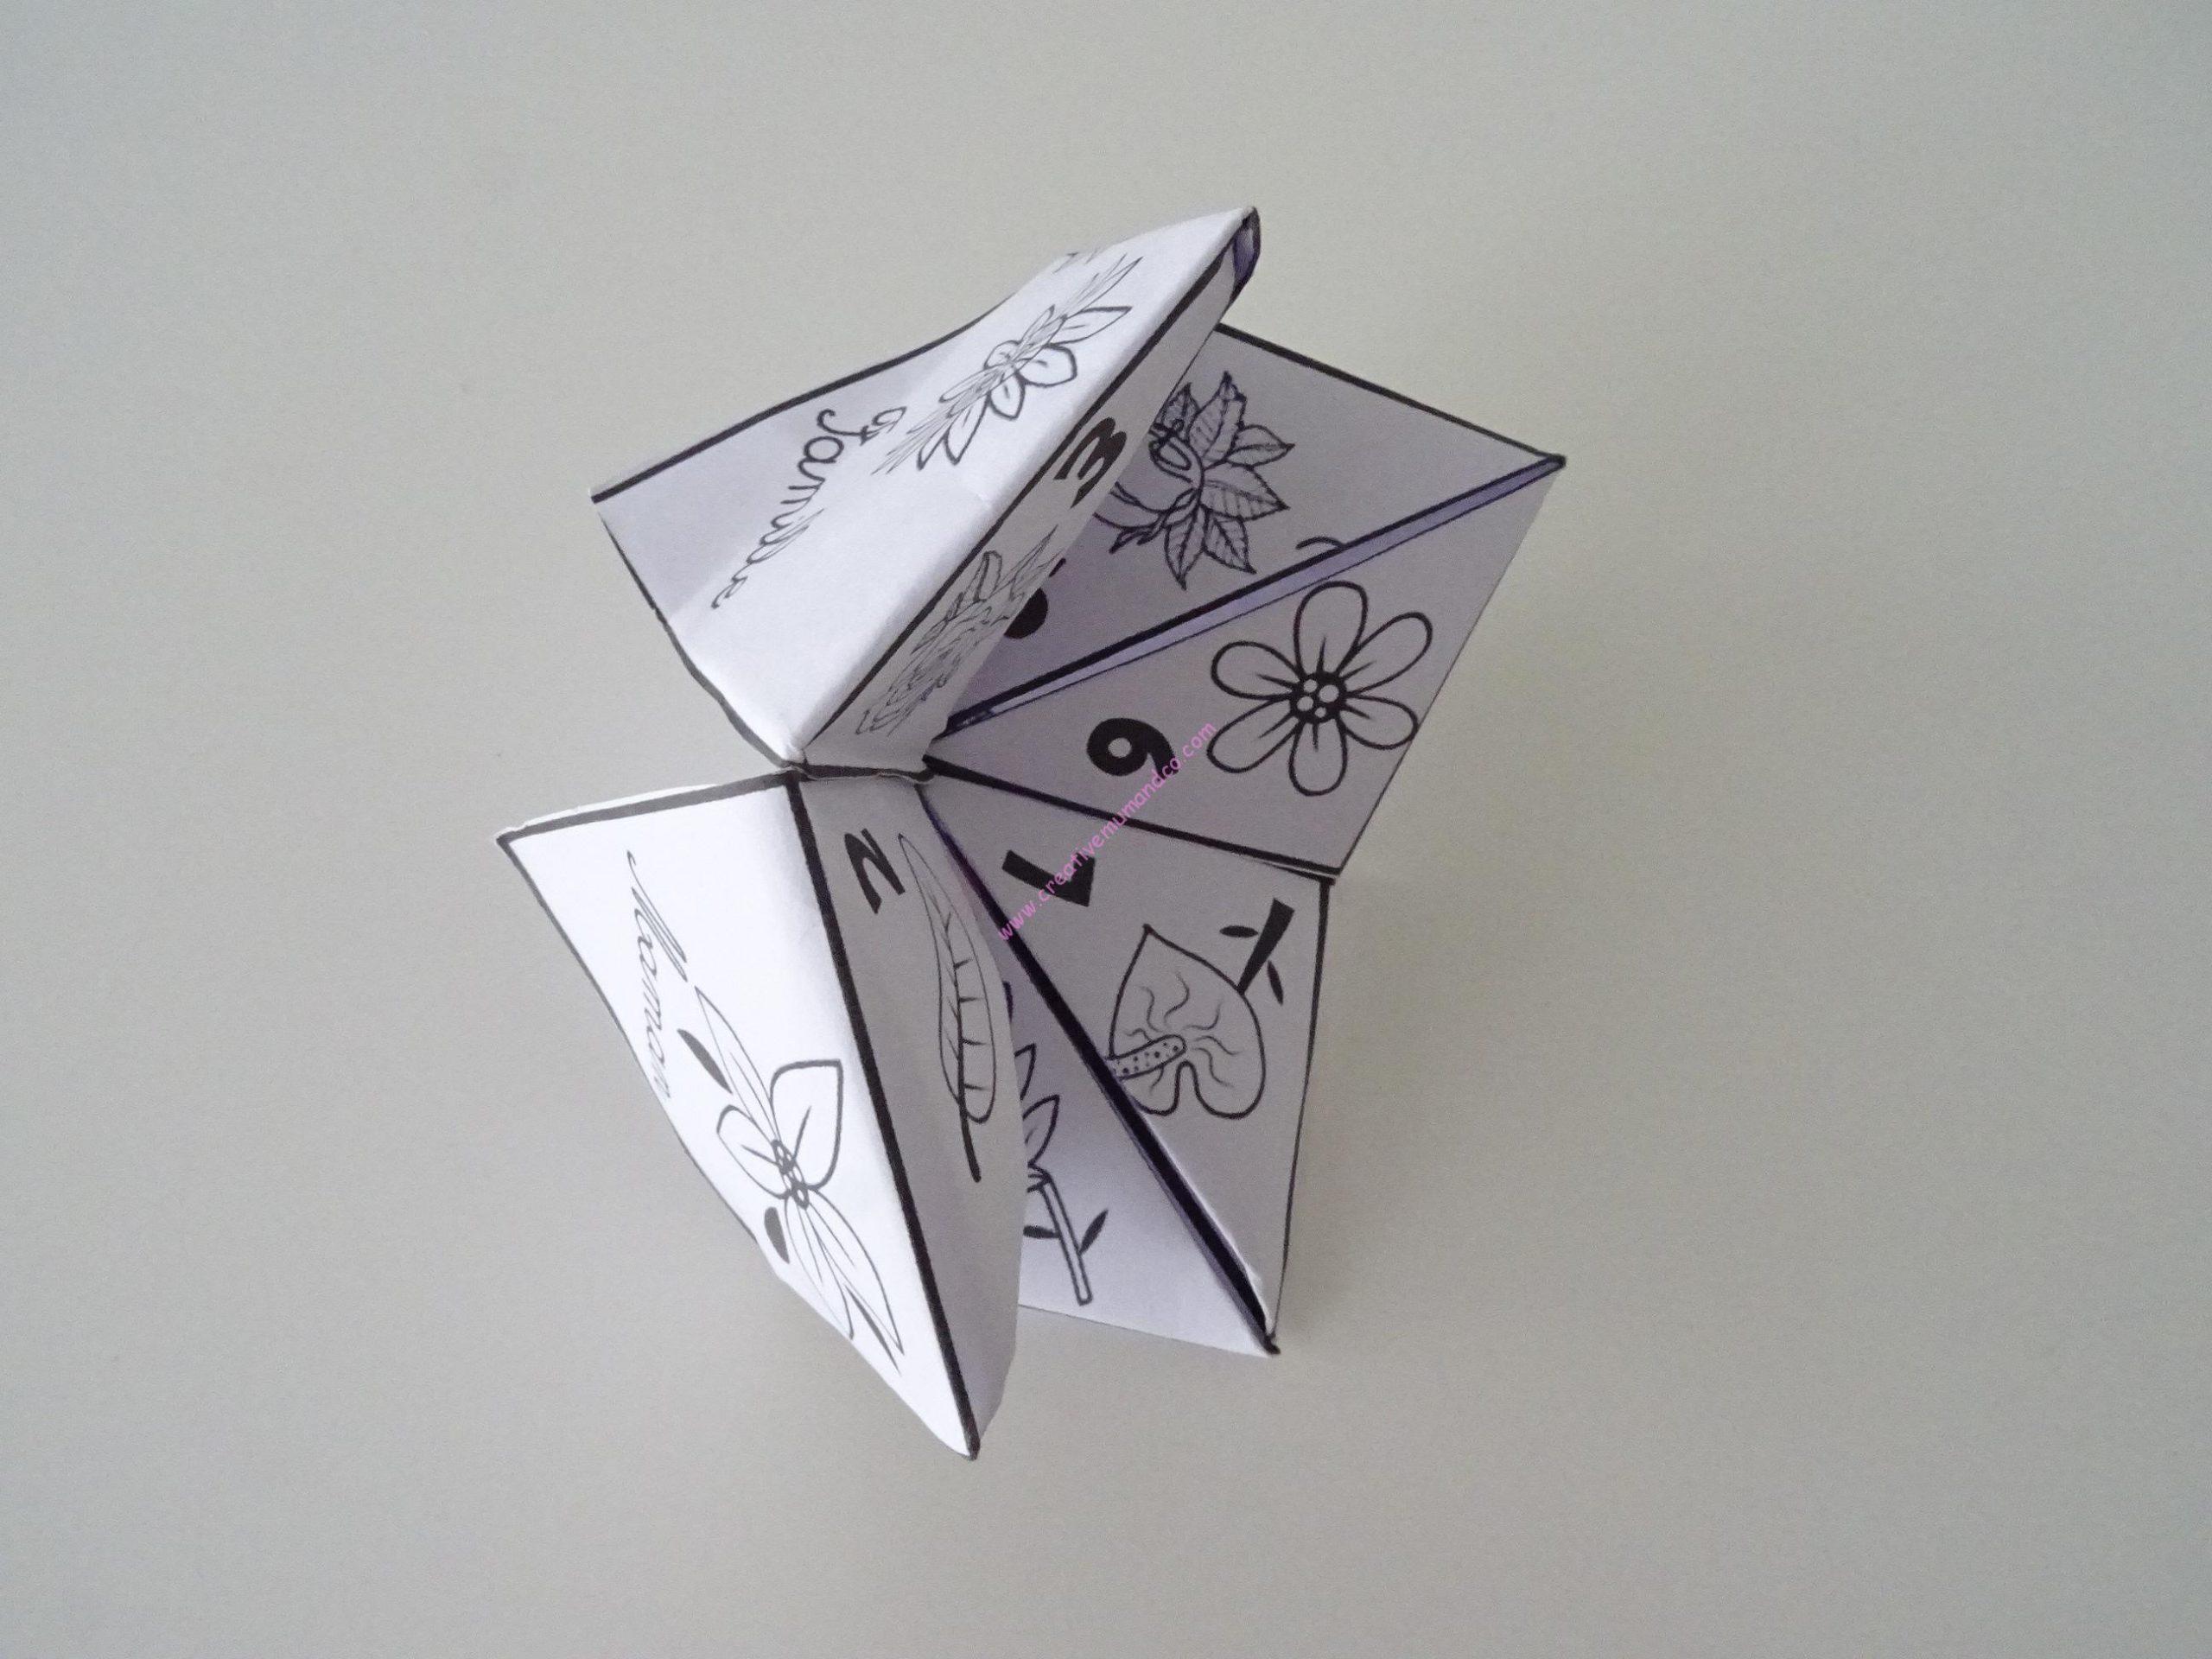 Cocotte En Papier Activité Manuelle Fête Des Meres - concernant Activité Manuelle En Papier